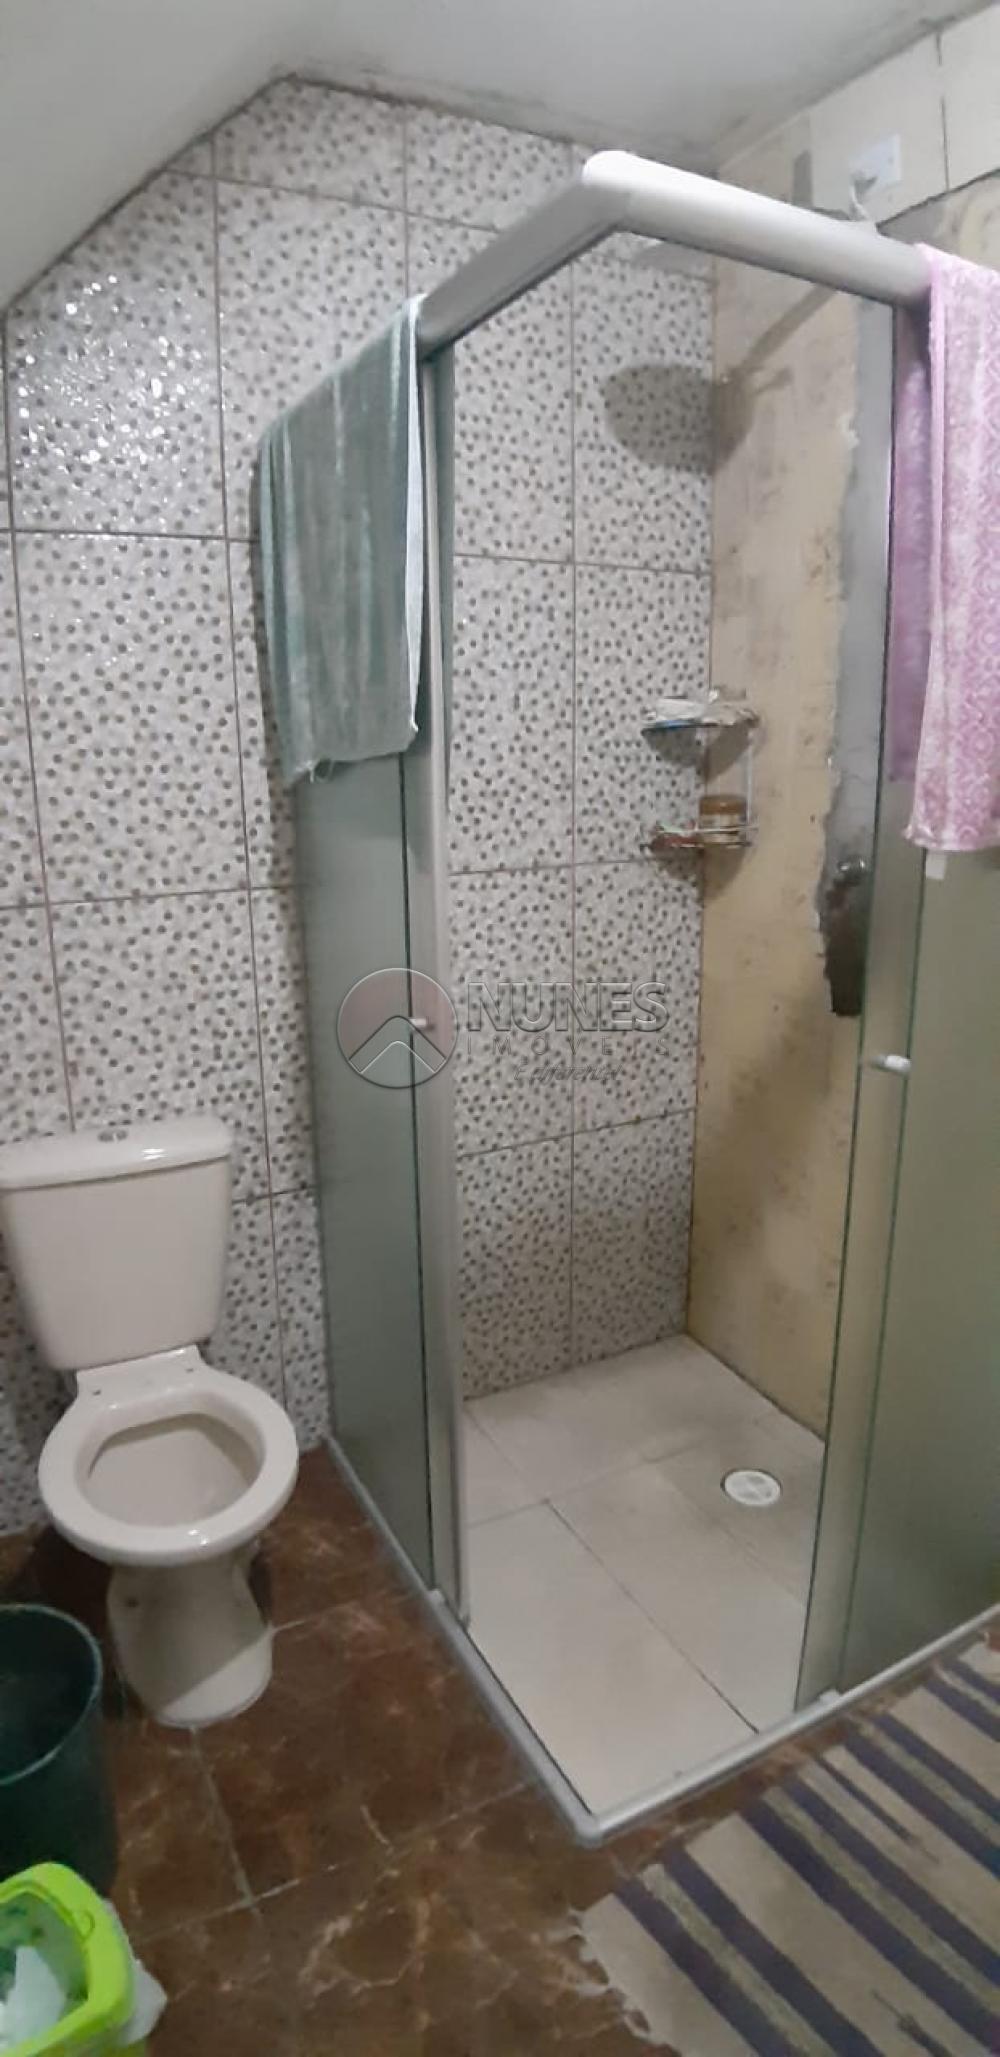 Comprar Casa / Sobrado em Osasco apenas R$ 240.000,00 - Foto 11